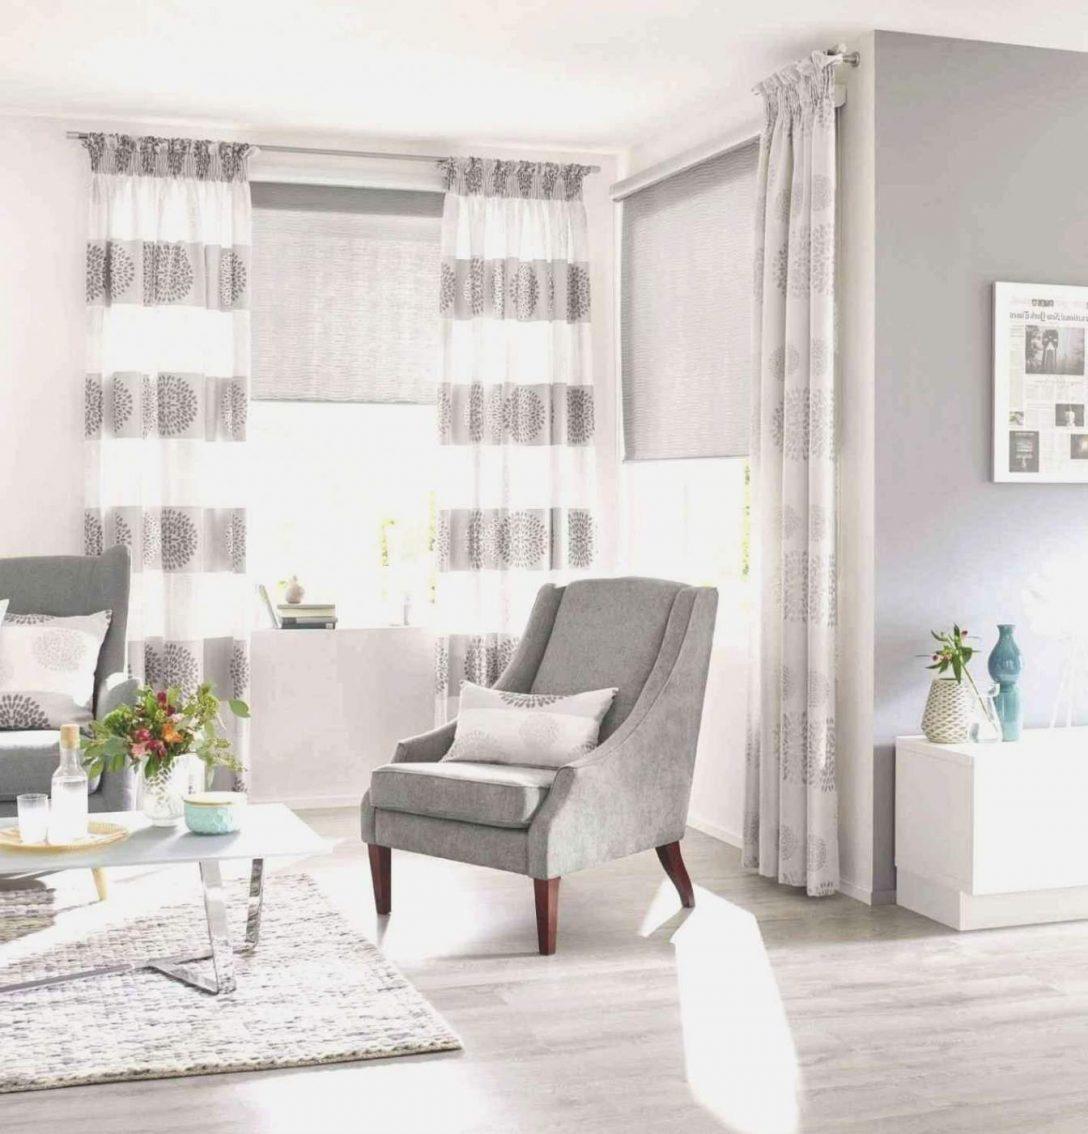 Large Size of Gardinenschals Wohnzimmer Luxus 31 Inspirierend Vorhang Wohnzimmer Genial Wohnzimmer Wohnzimmer Vorhänge